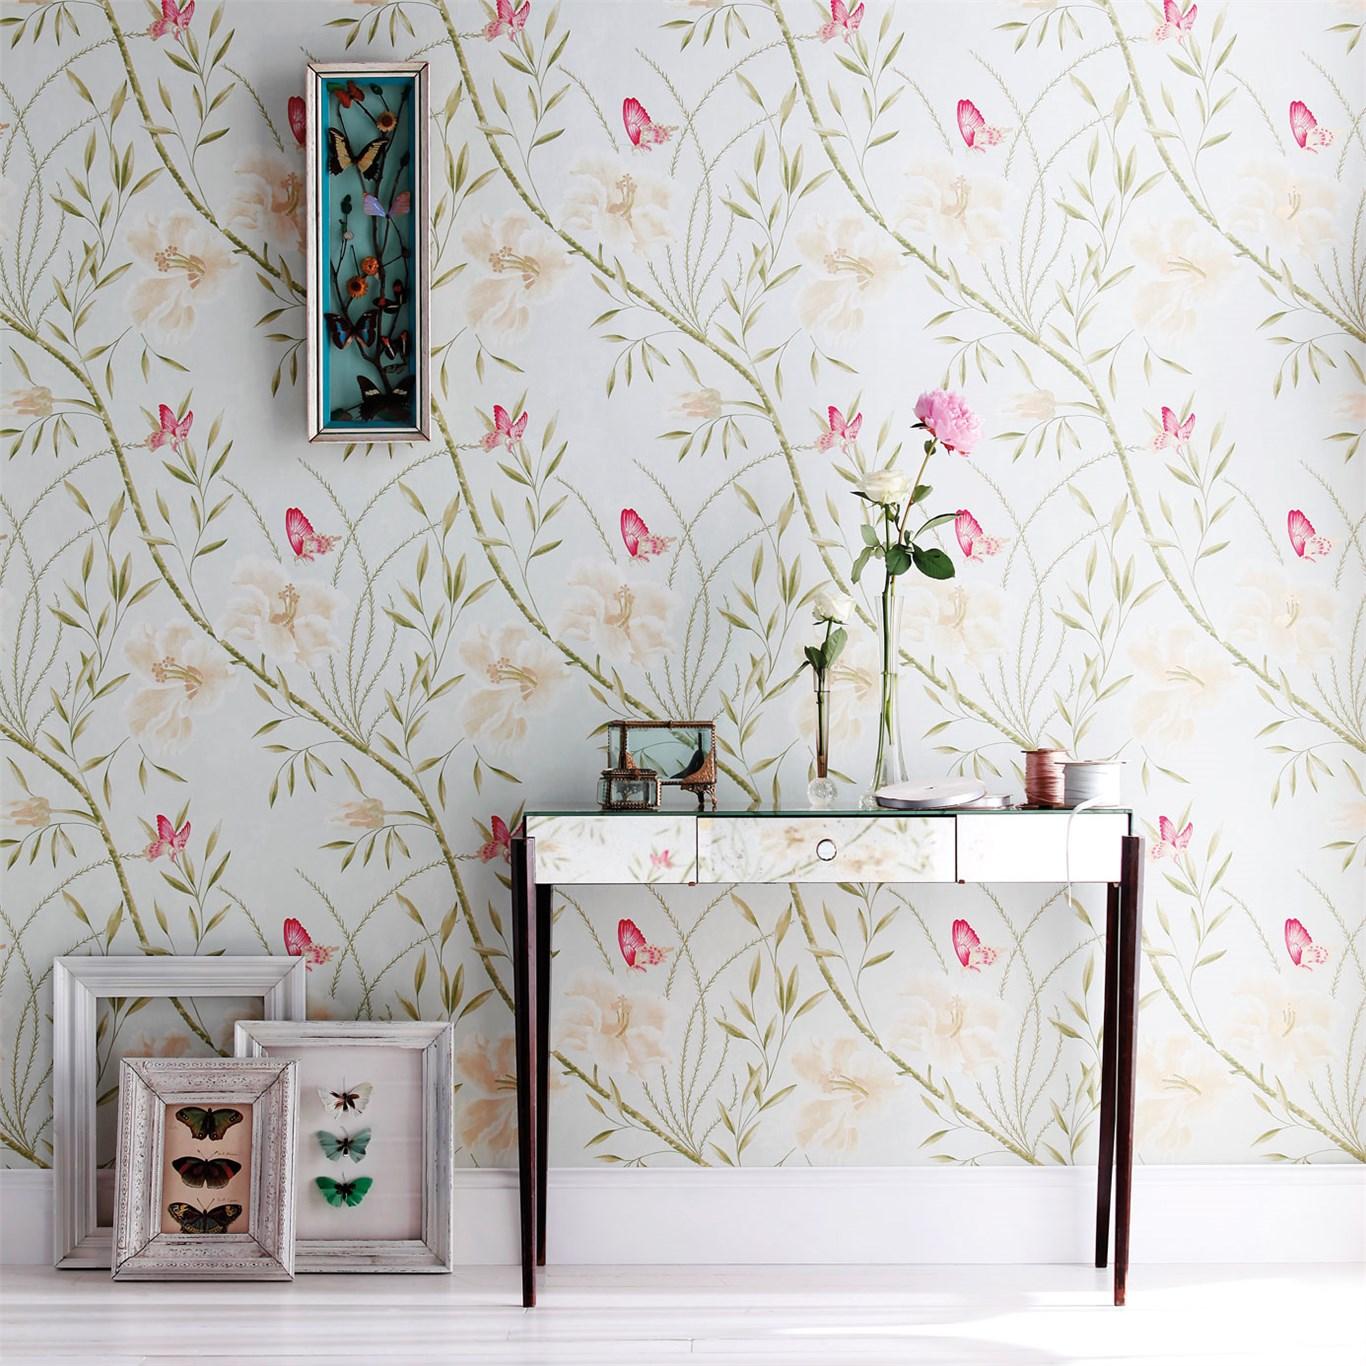 Mariposas en un papel pintado rom ntico villalba - Papeles pintados para pasillos ...